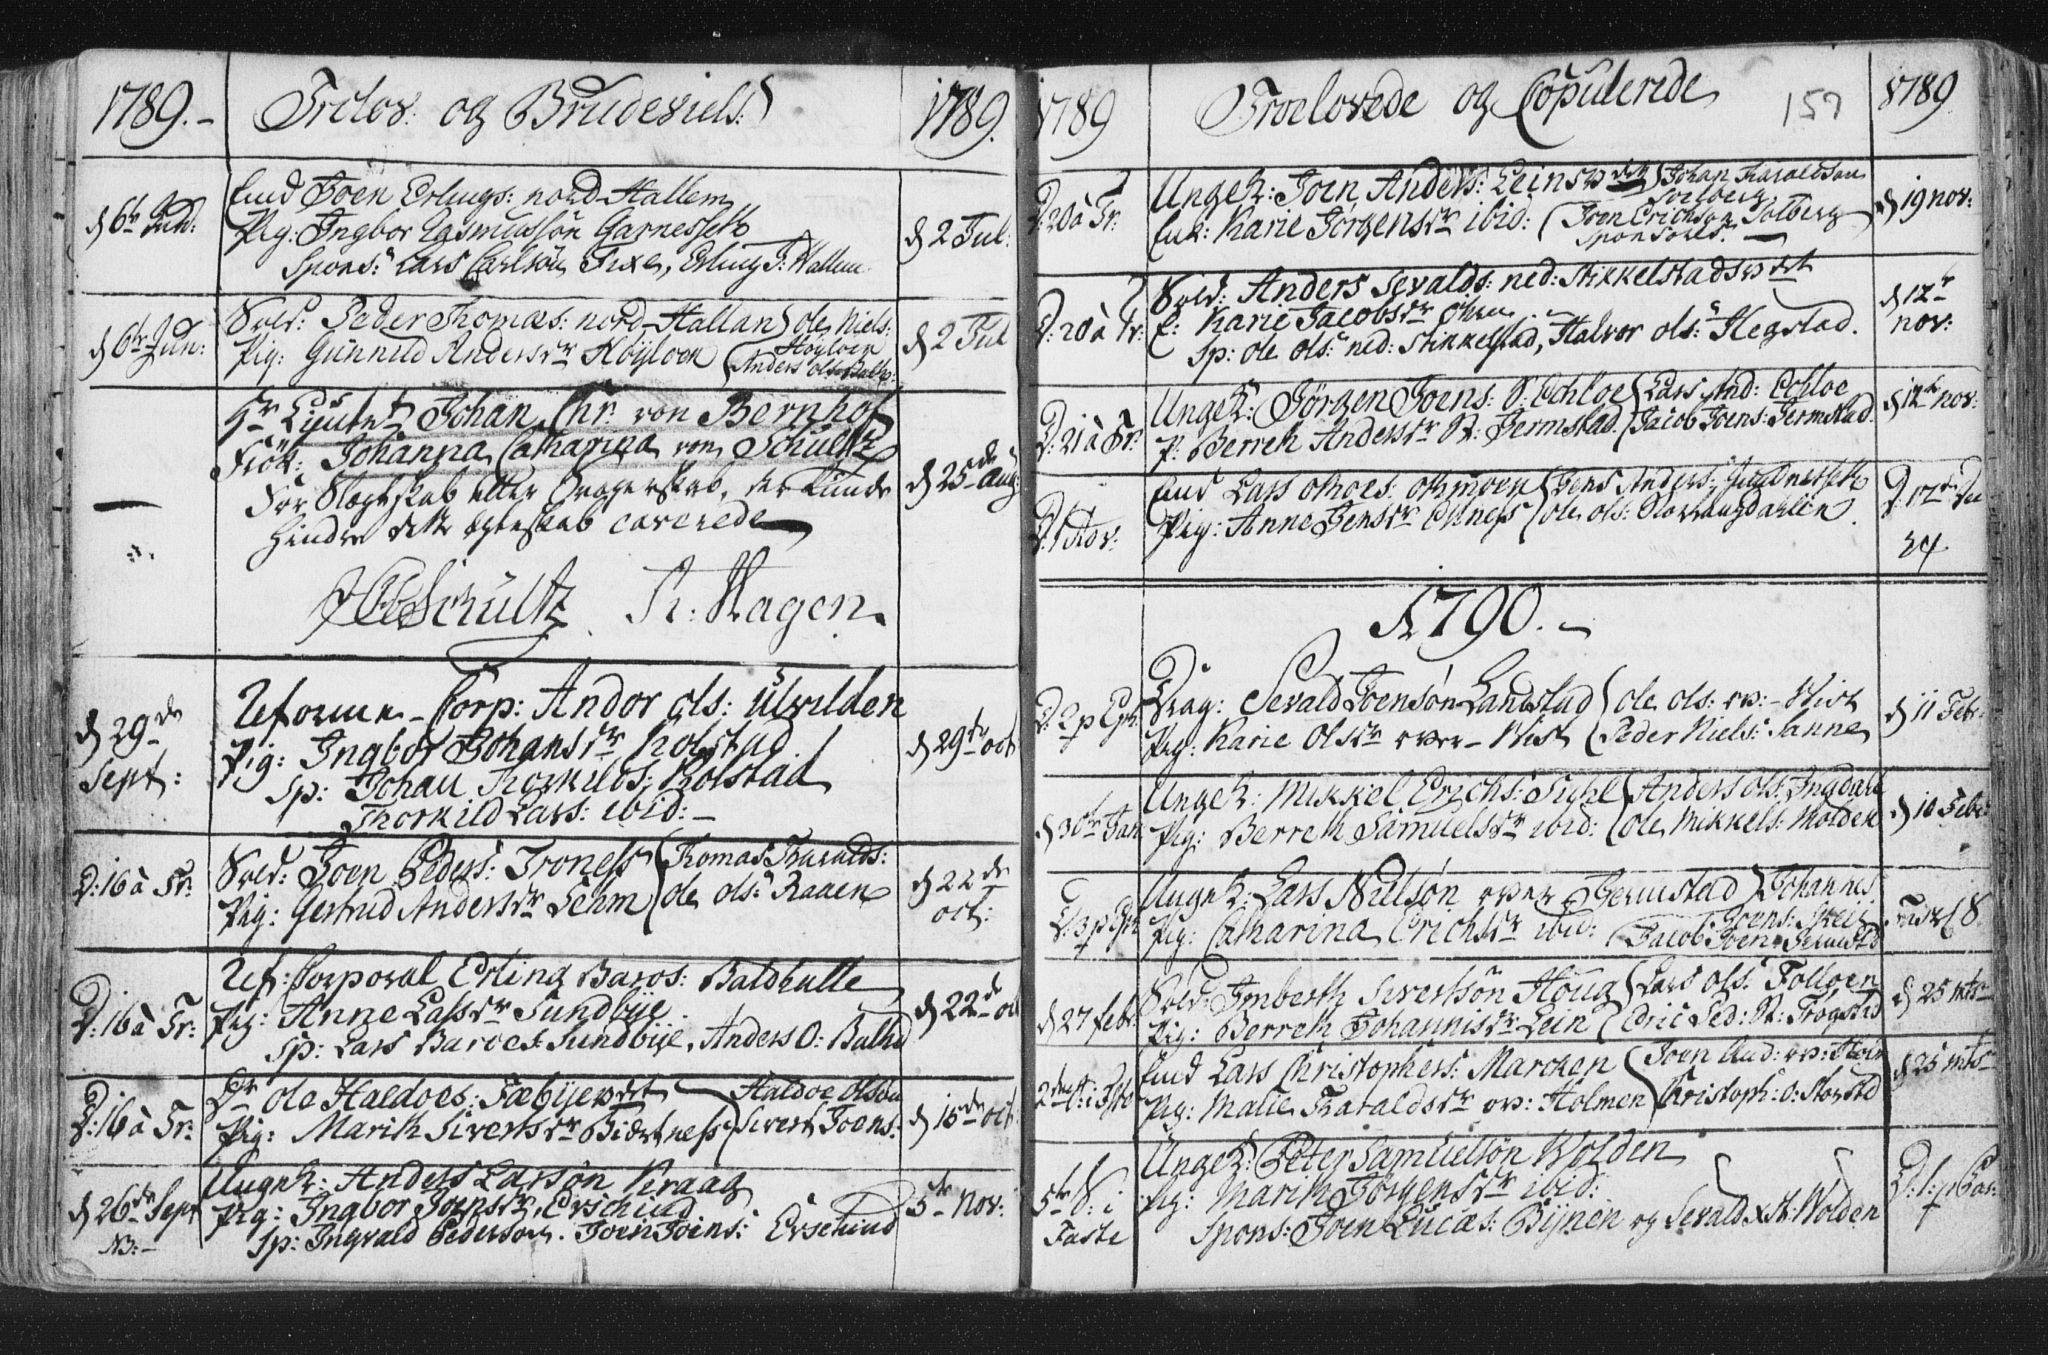 SAT, Ministerialprotokoller, klokkerbøker og fødselsregistre - Nord-Trøndelag, 723/L0232: Ministerialbok nr. 723A03, 1781-1804, s. 157